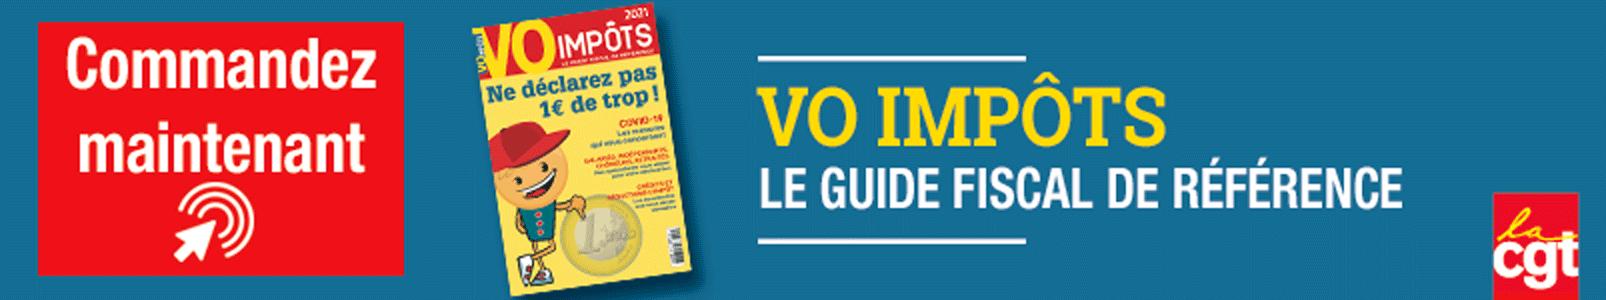 BanniereNvofr_Voi21